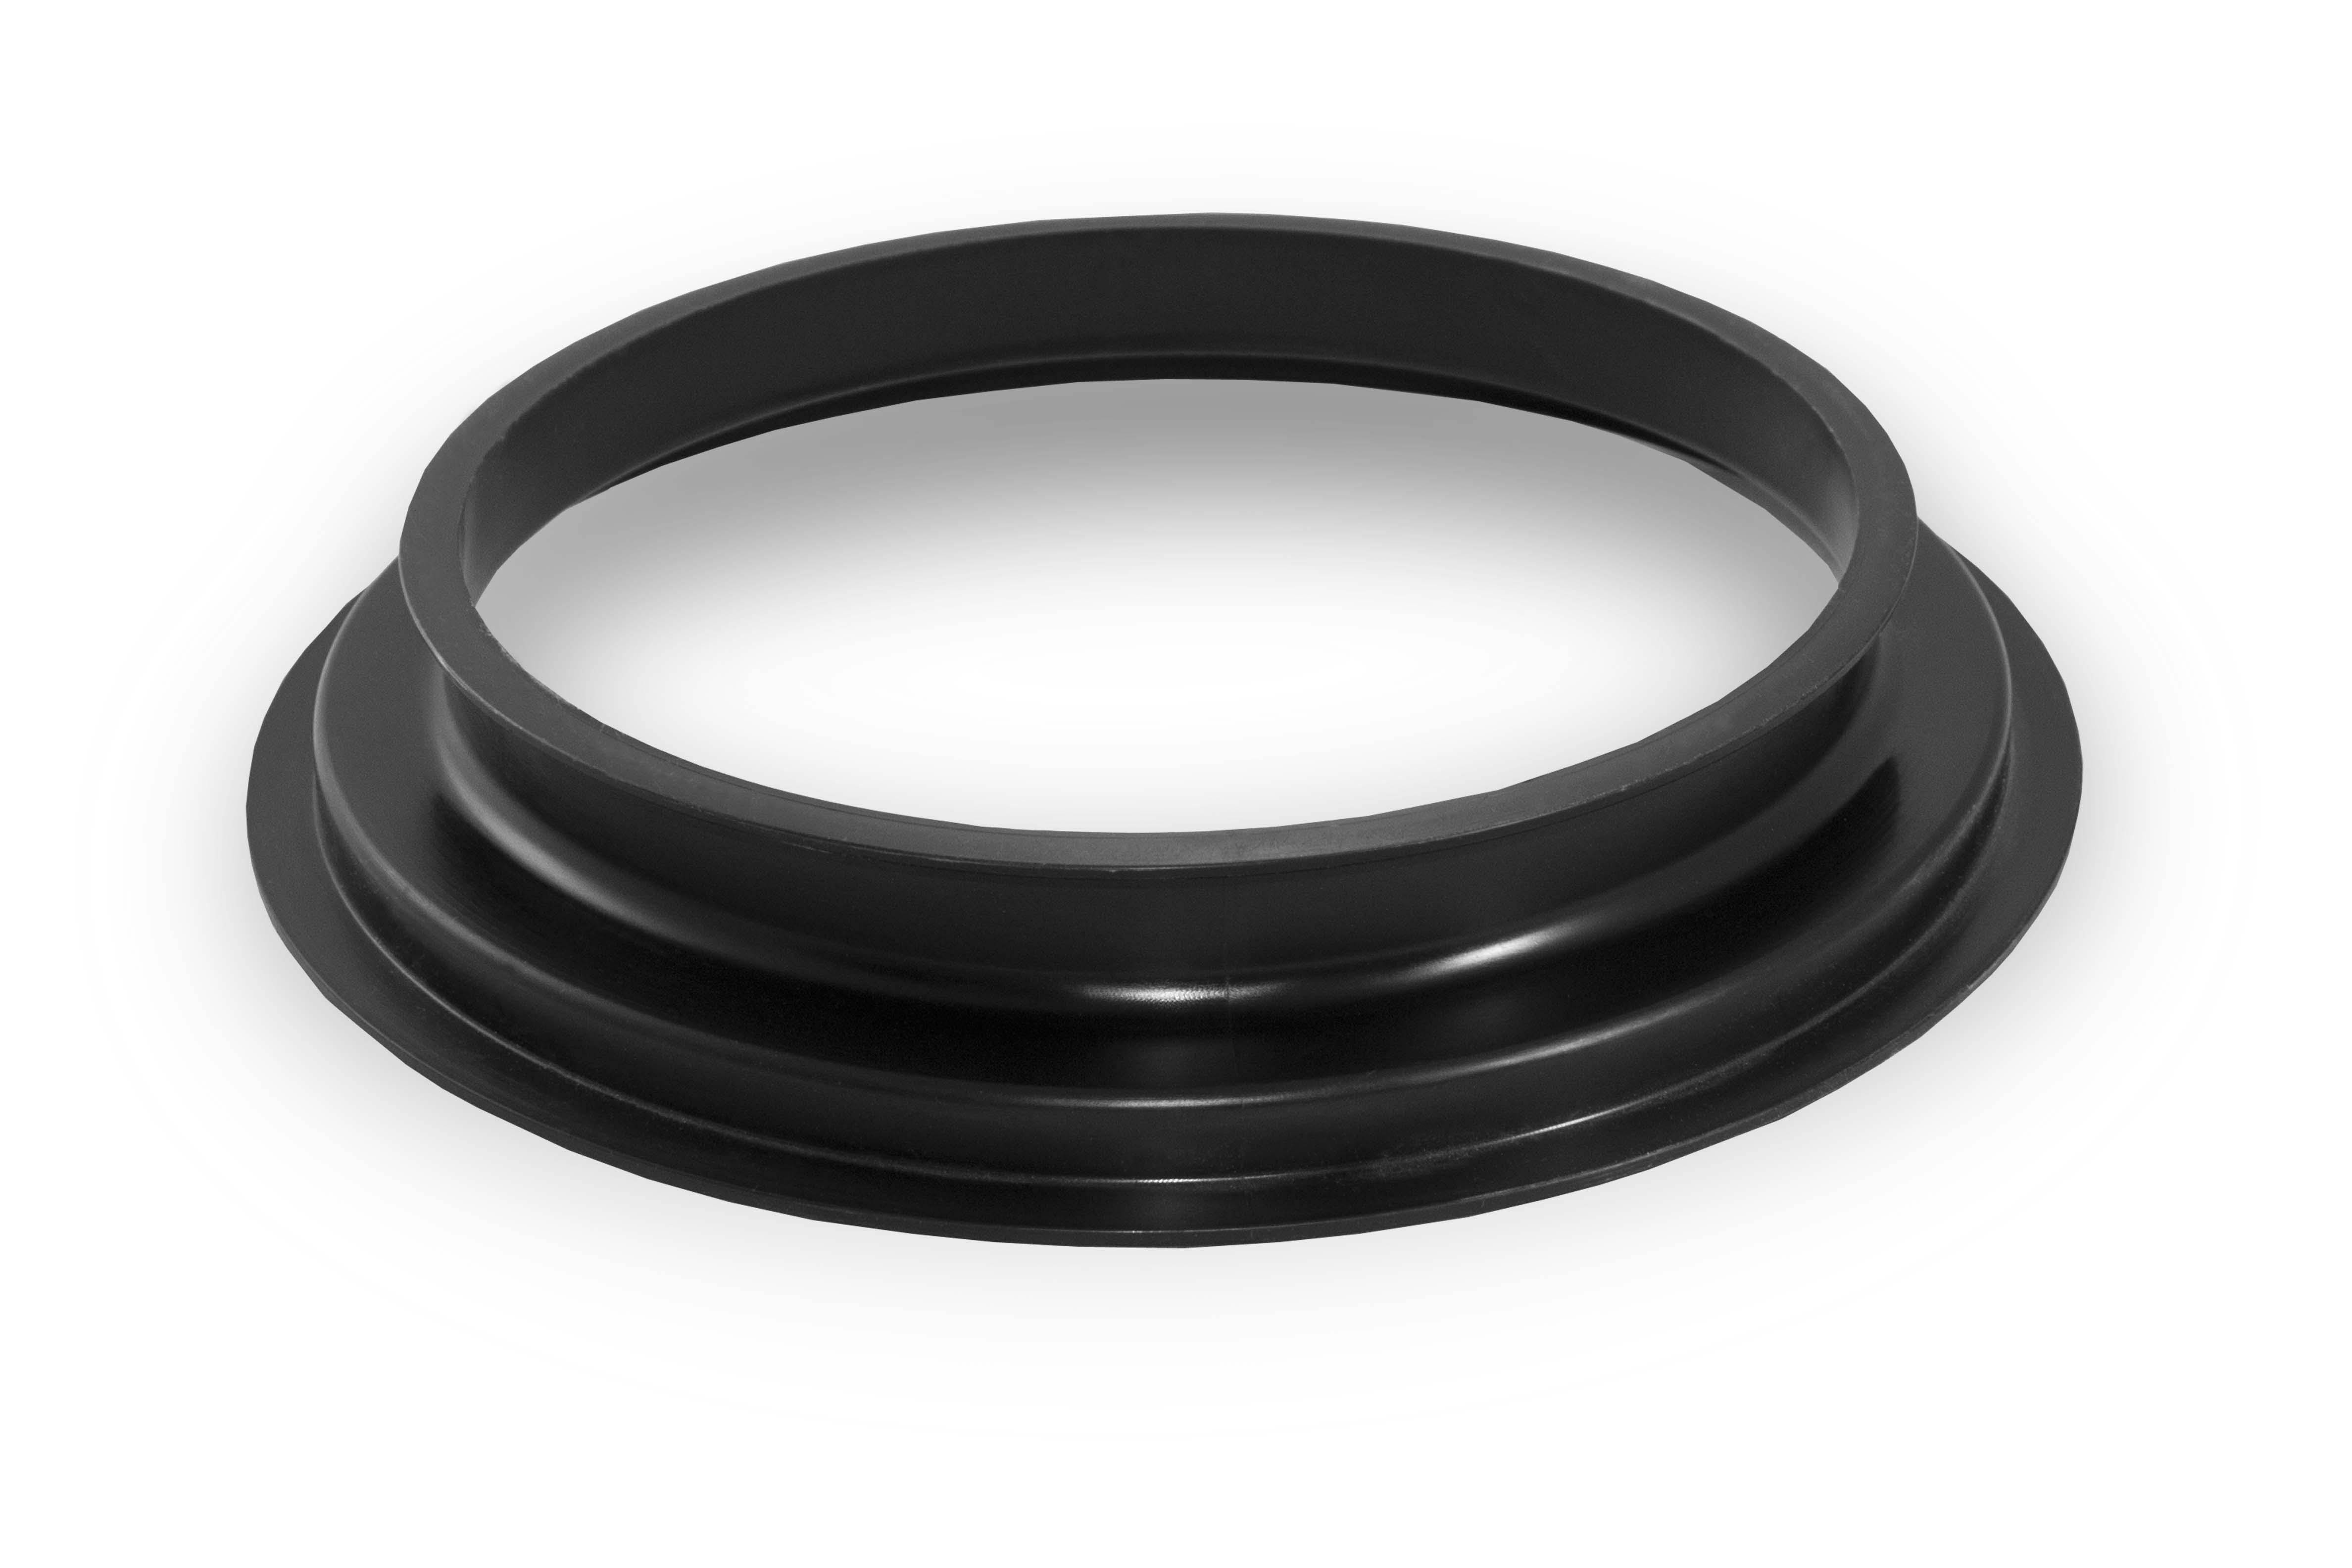 EMF3, Кольцо уплотнительное  для фиксации мусоросборника